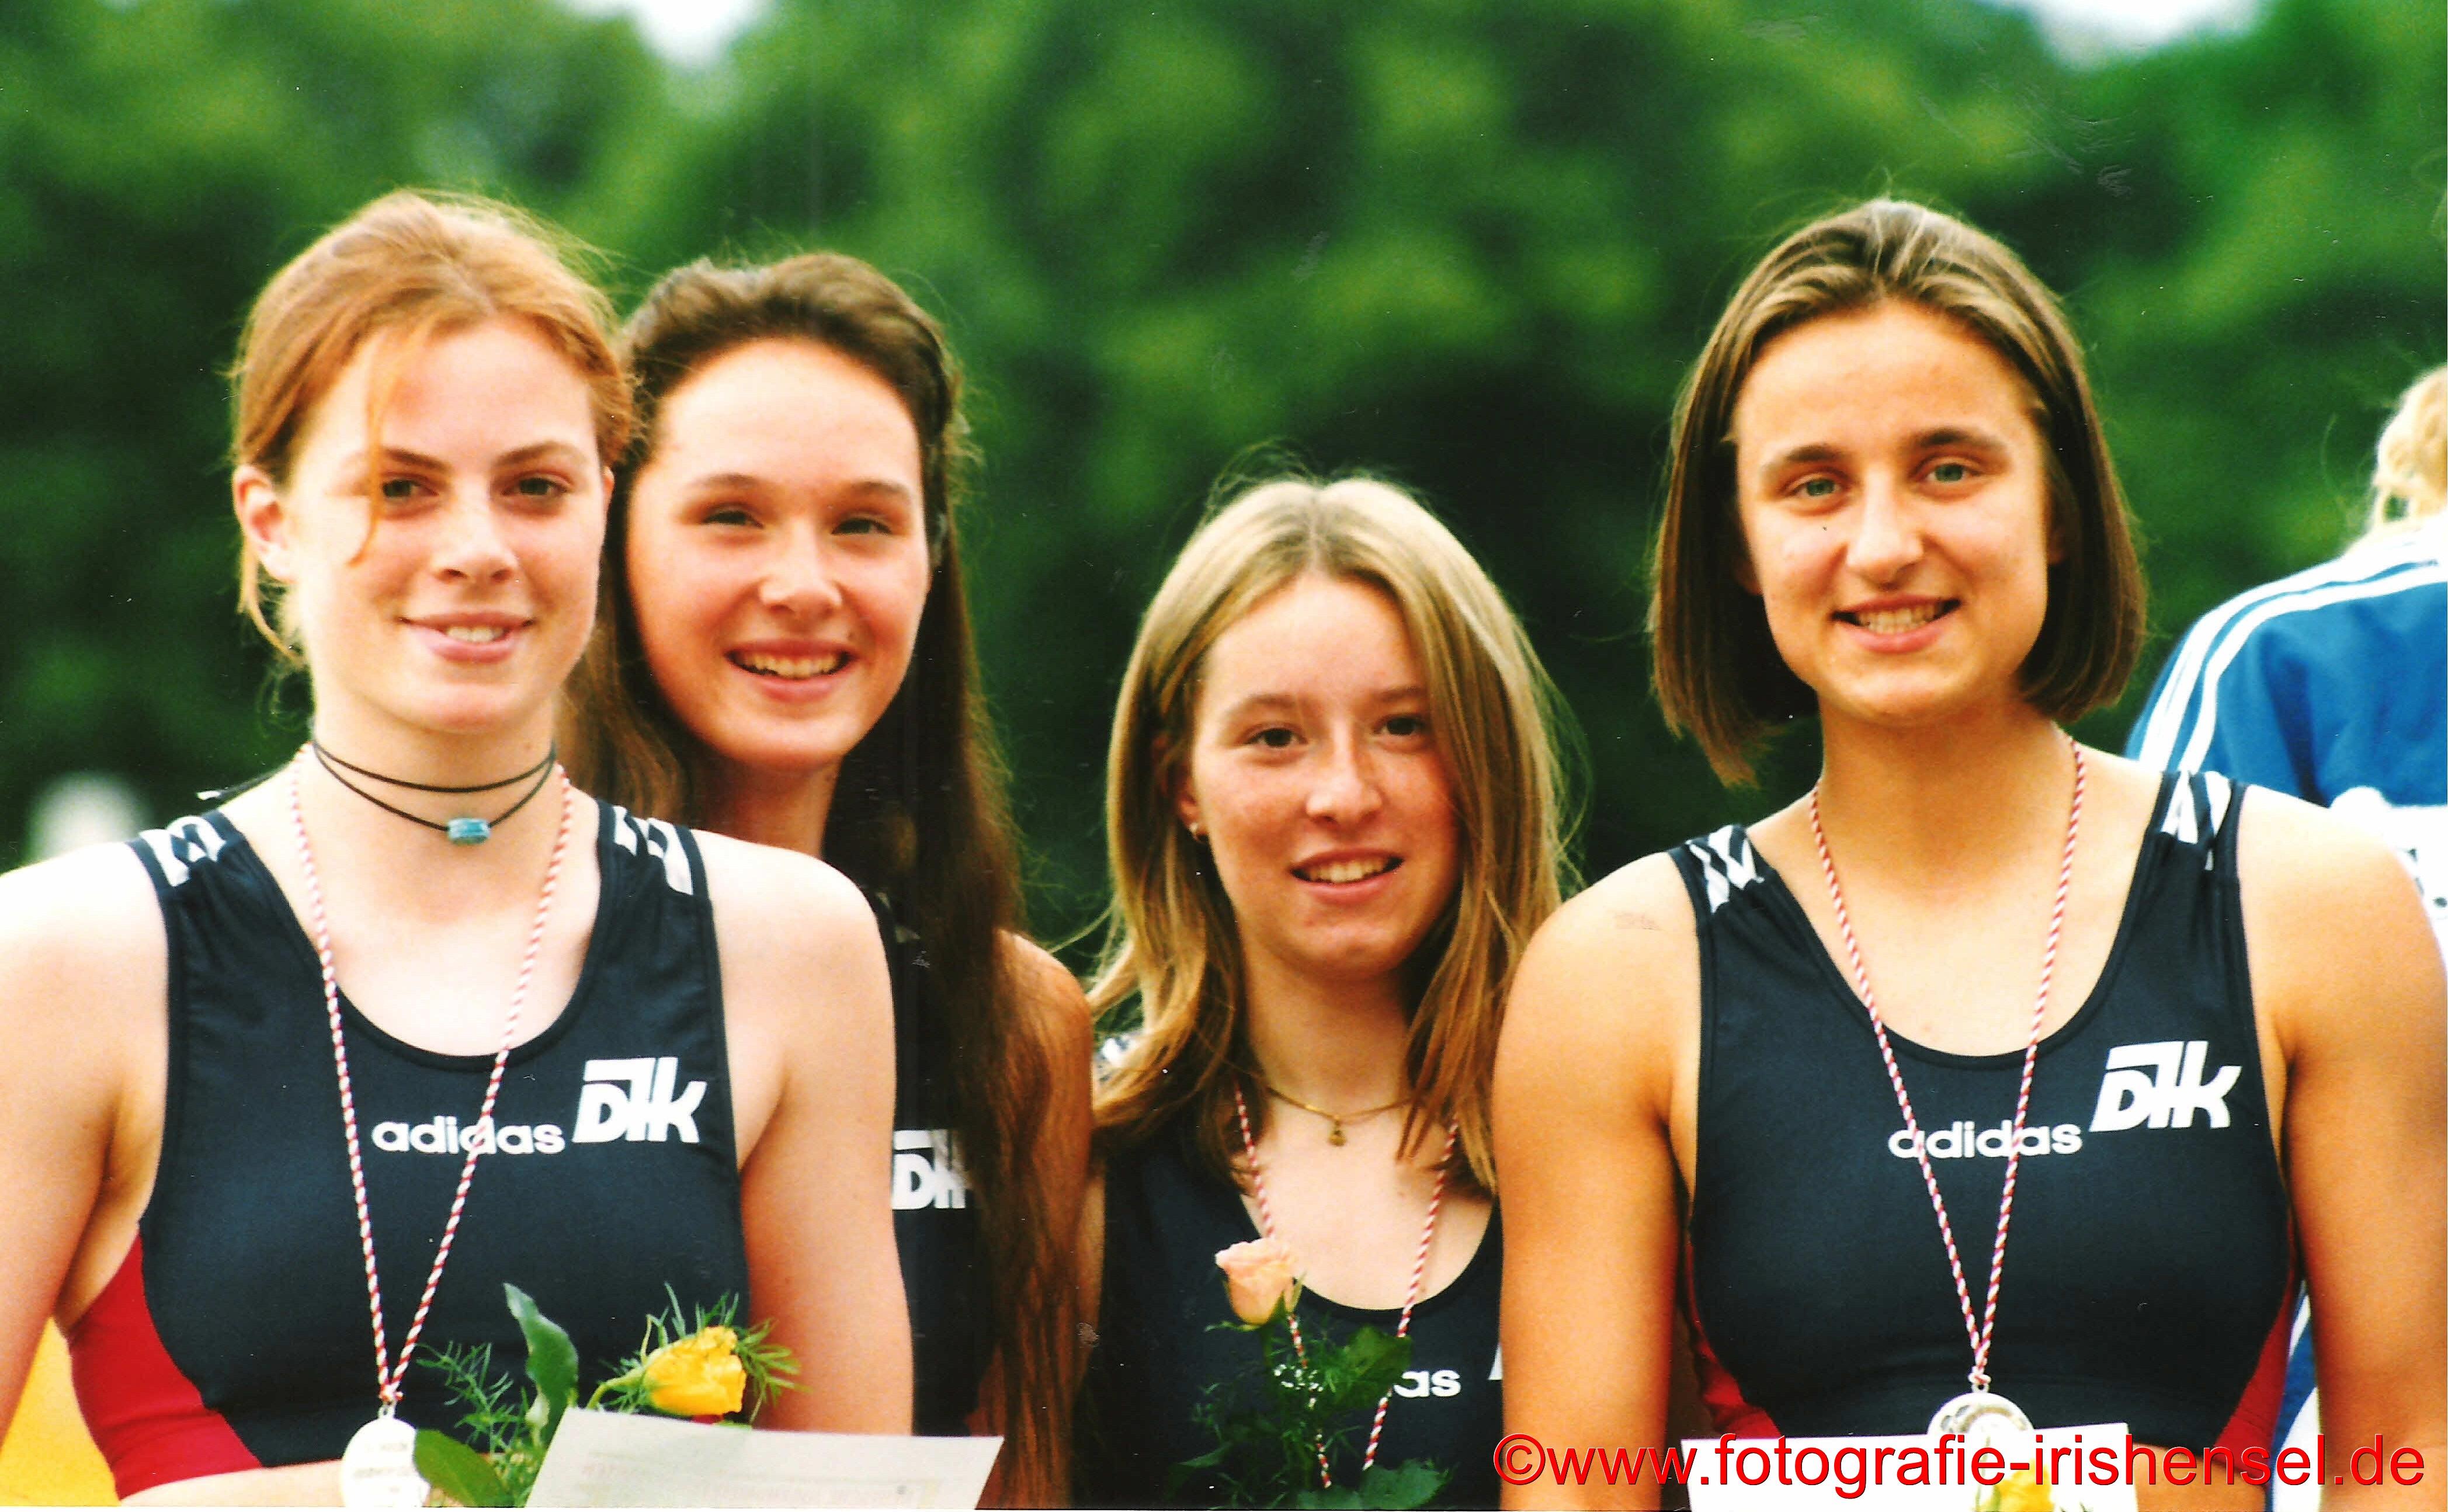 Am 07. Juli 1996 gewinnen diese 4 Mädchen die silbermedaille